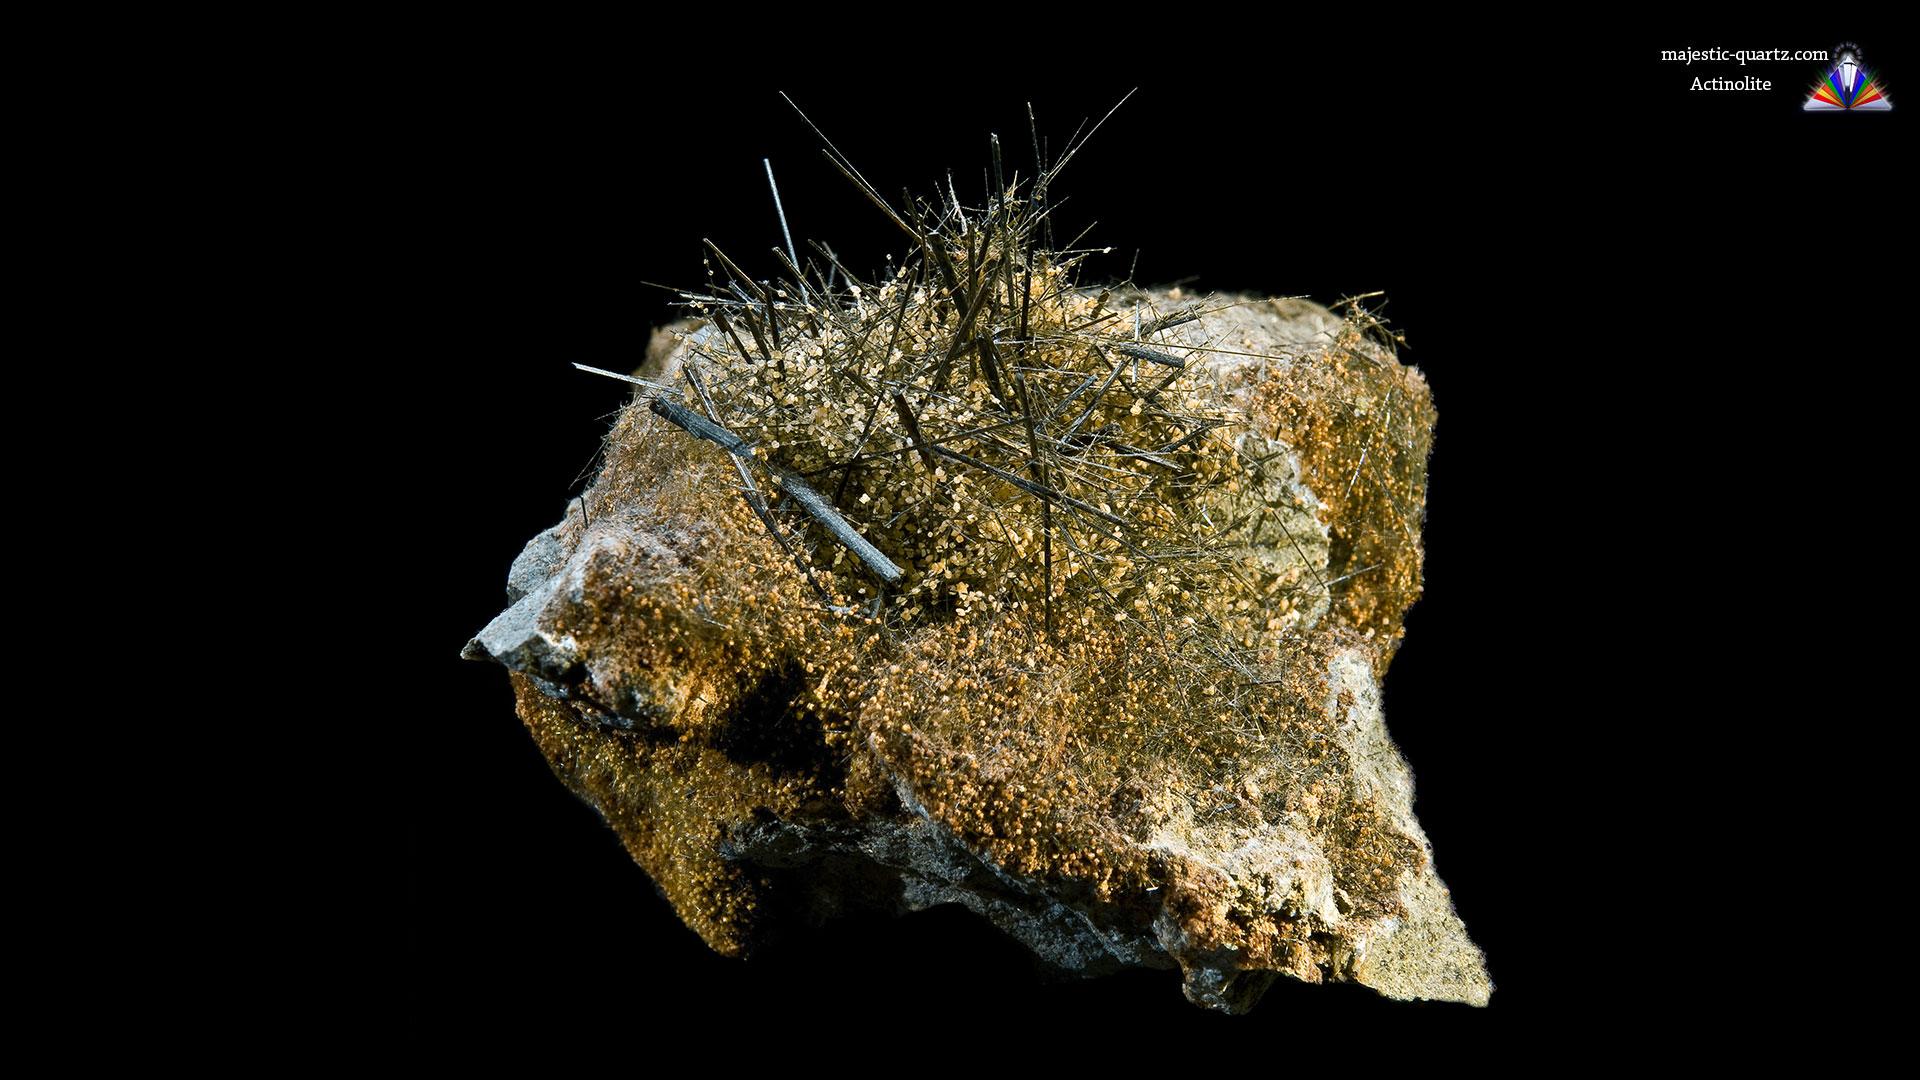 Actinolite Mineral Specimen